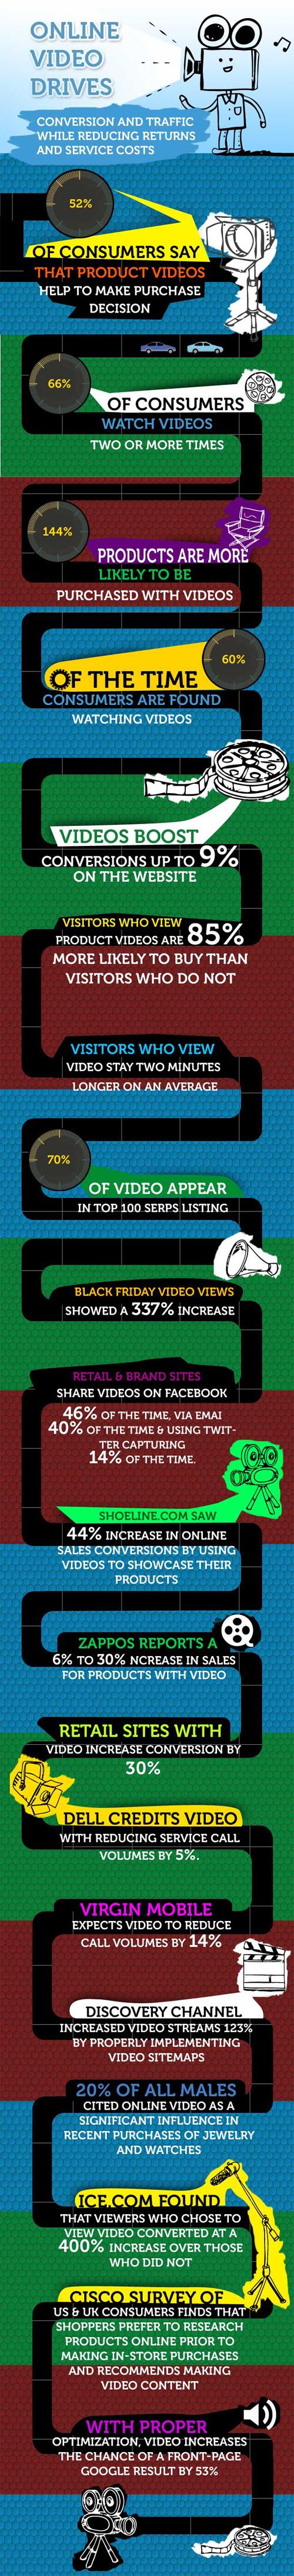 Aumentando las ventas a traves del Videomarketing